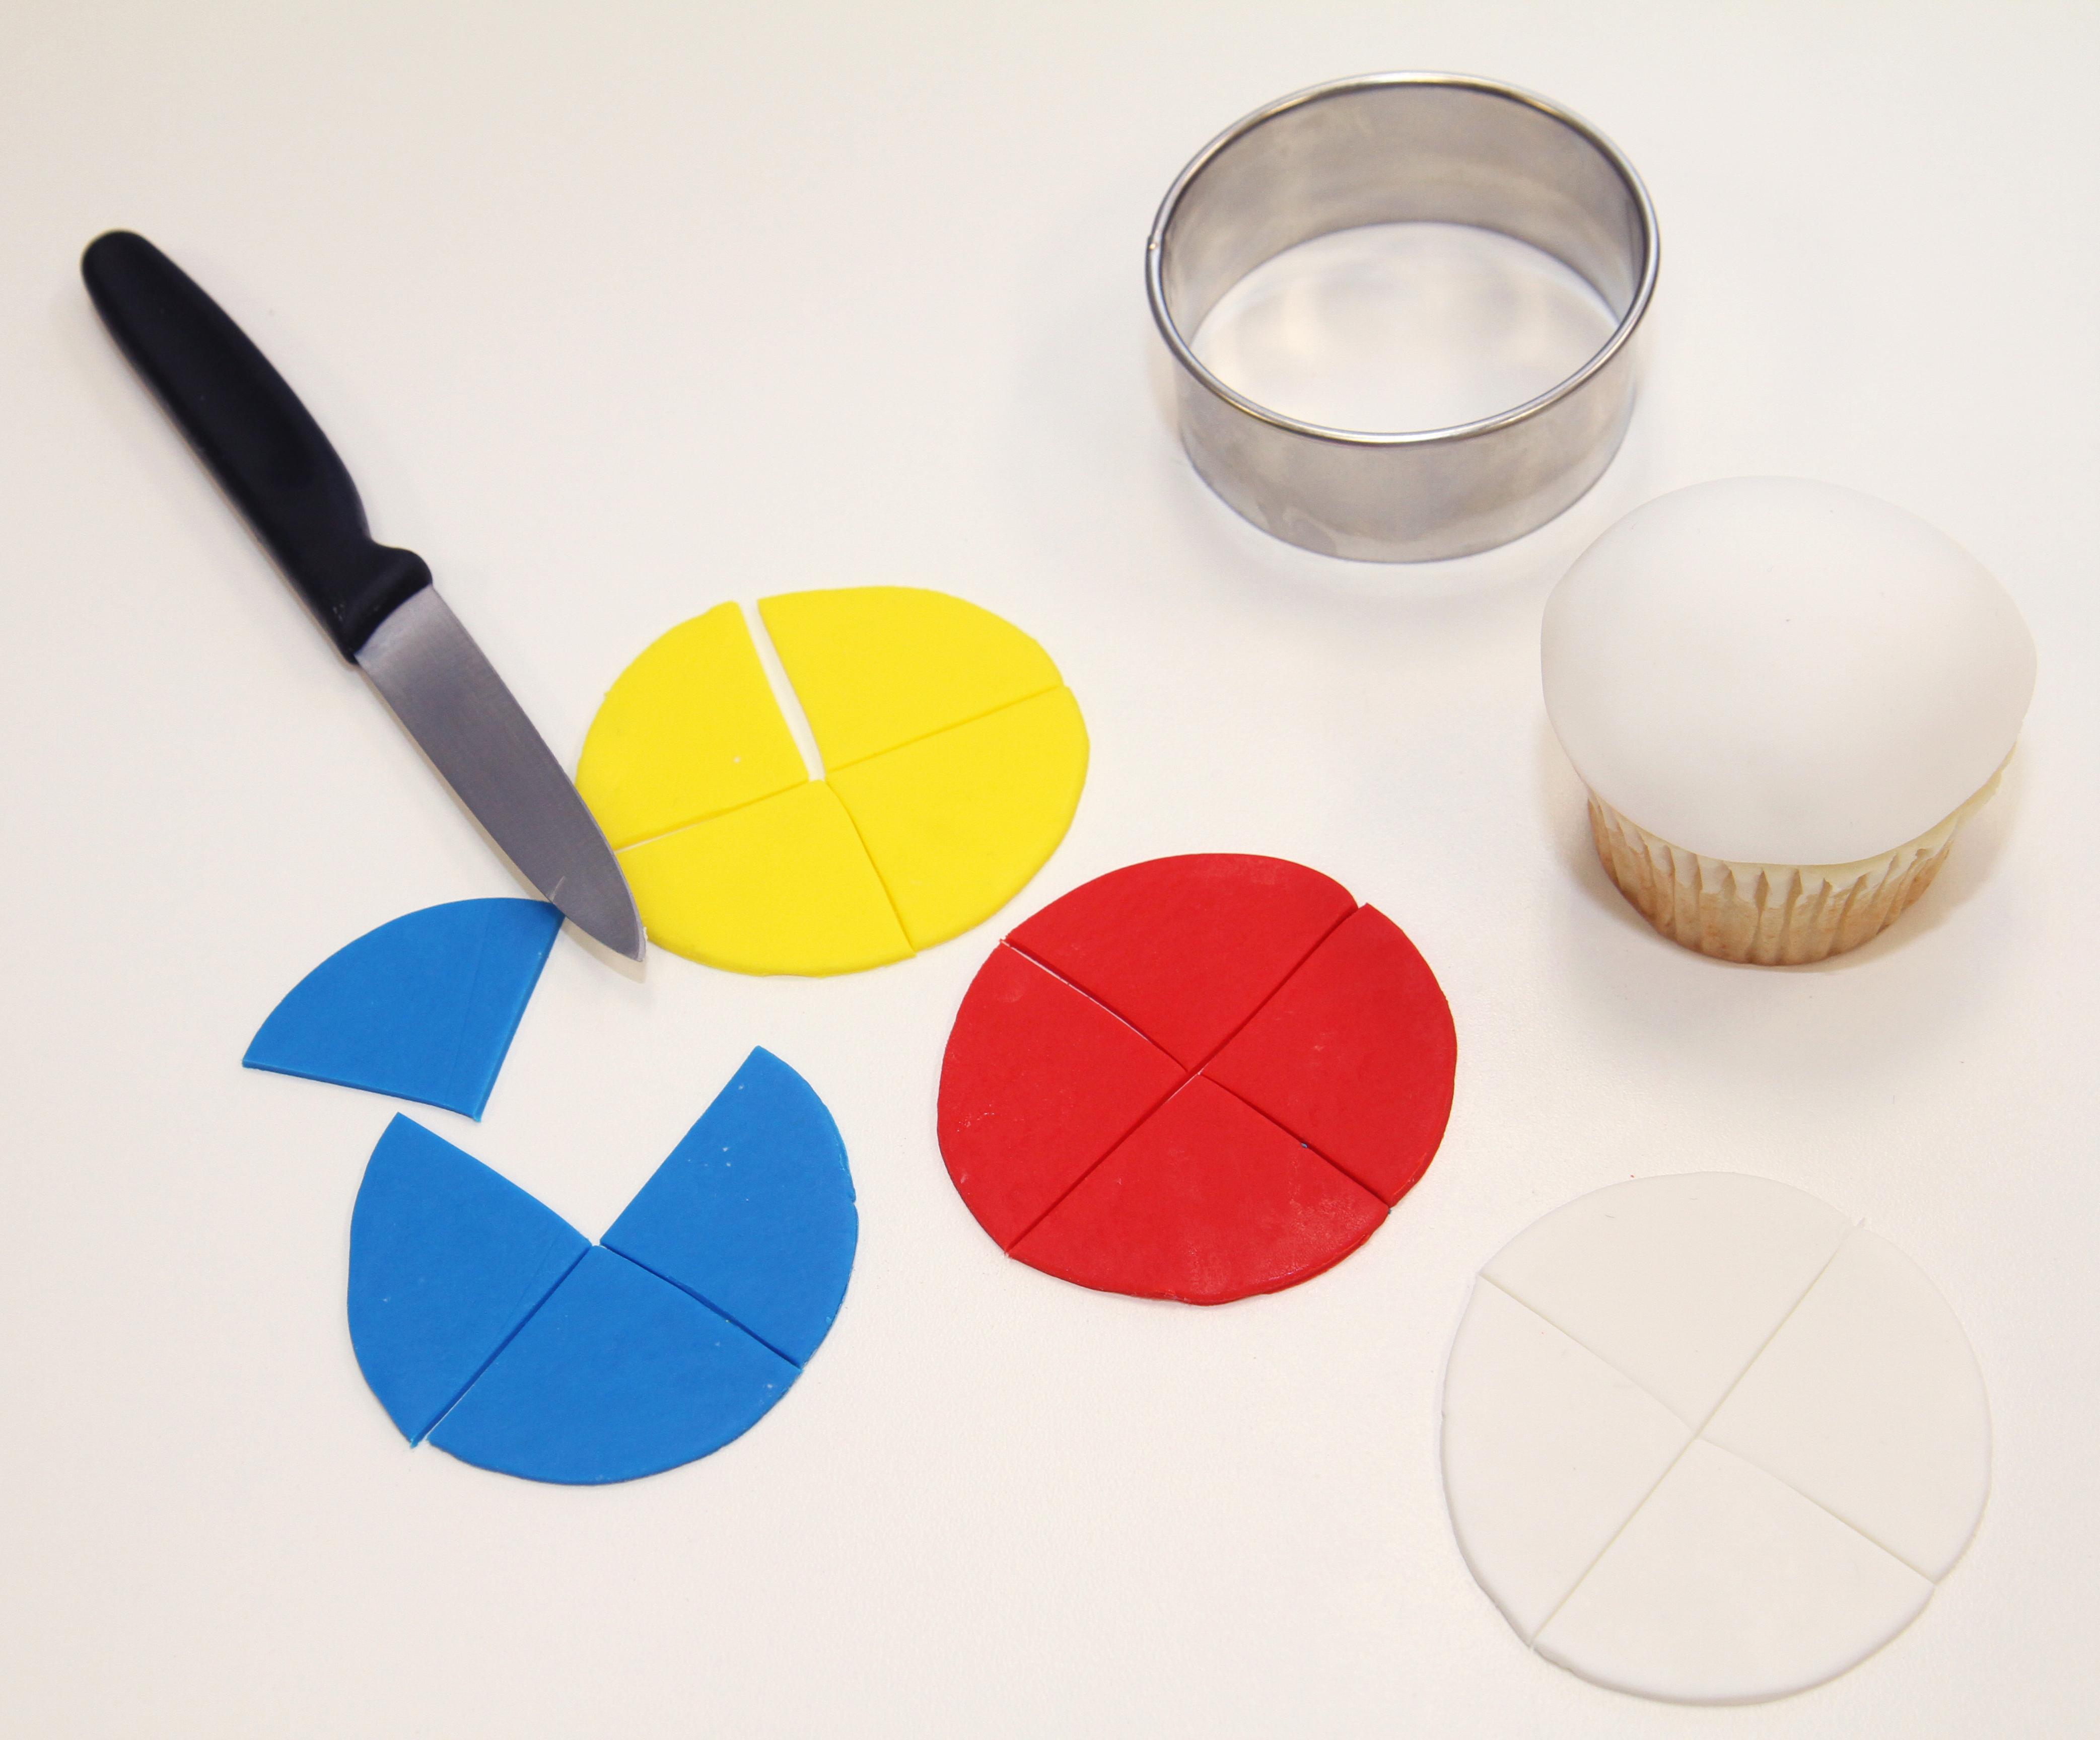 beach-ball-5.jpg#asset:15566